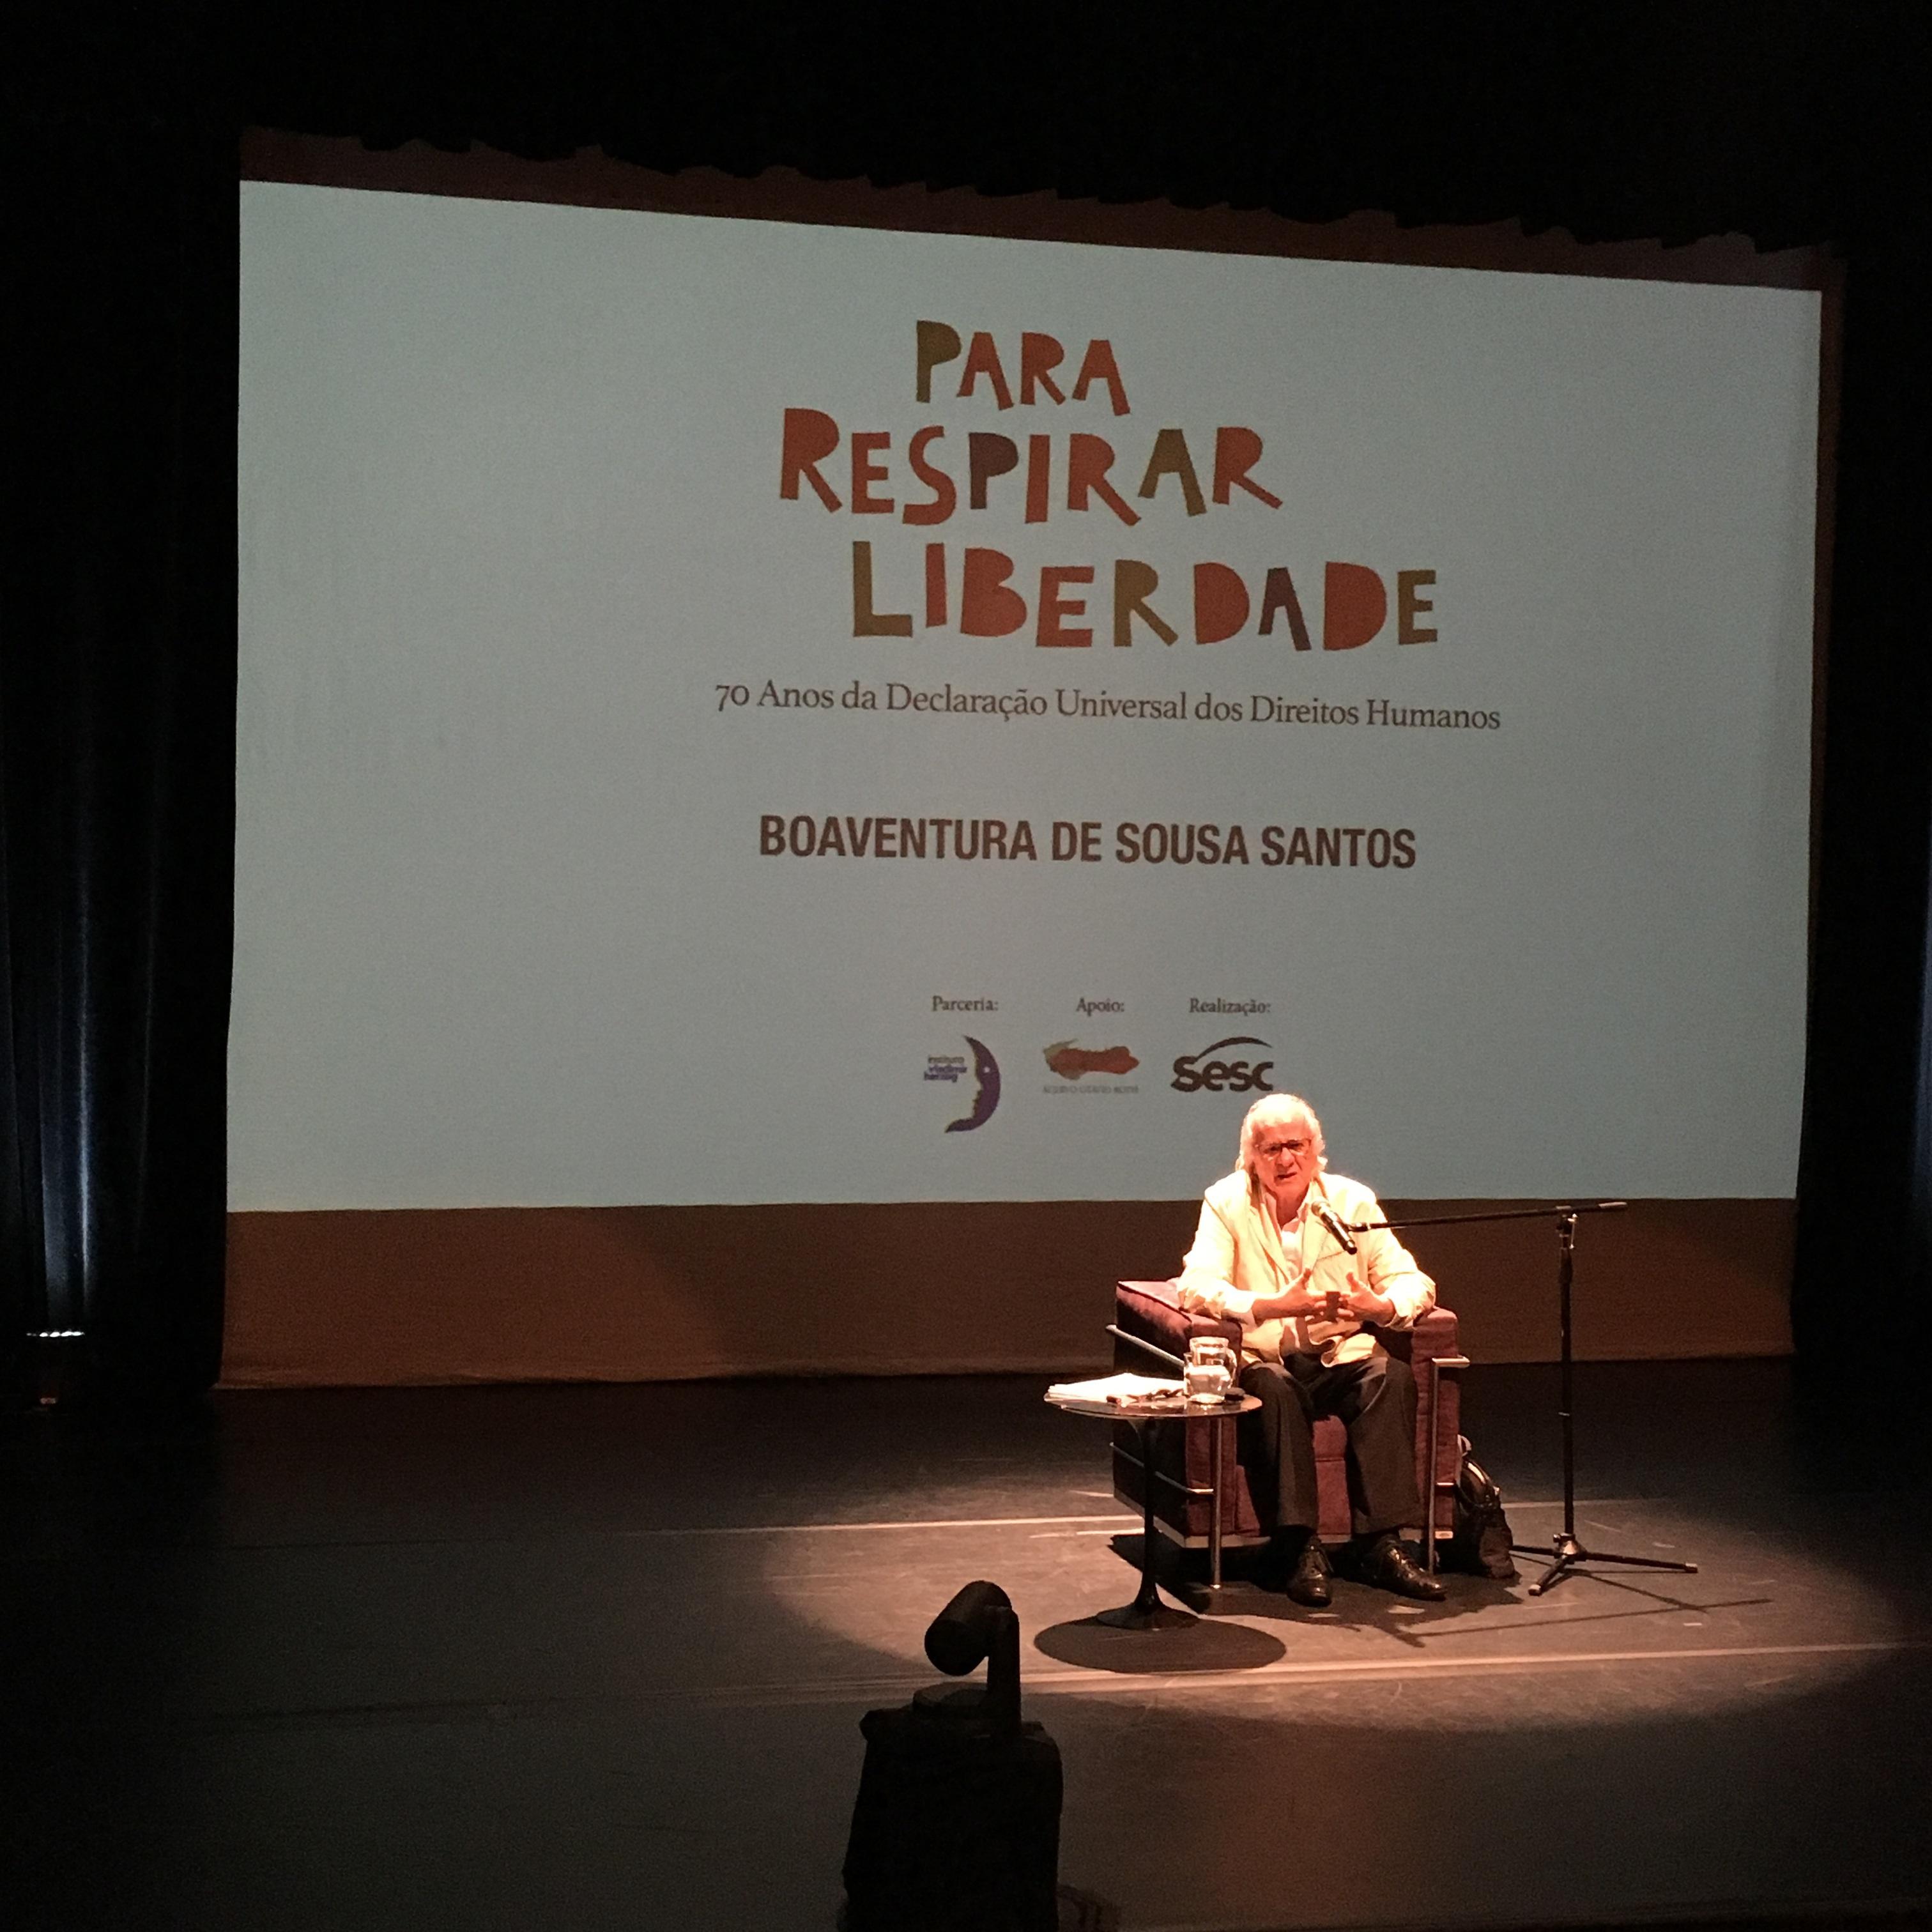 Foto: Direitos Humanos são instrumentos de justiça social, afirma sociólogo Boaventura de Sousa Santos